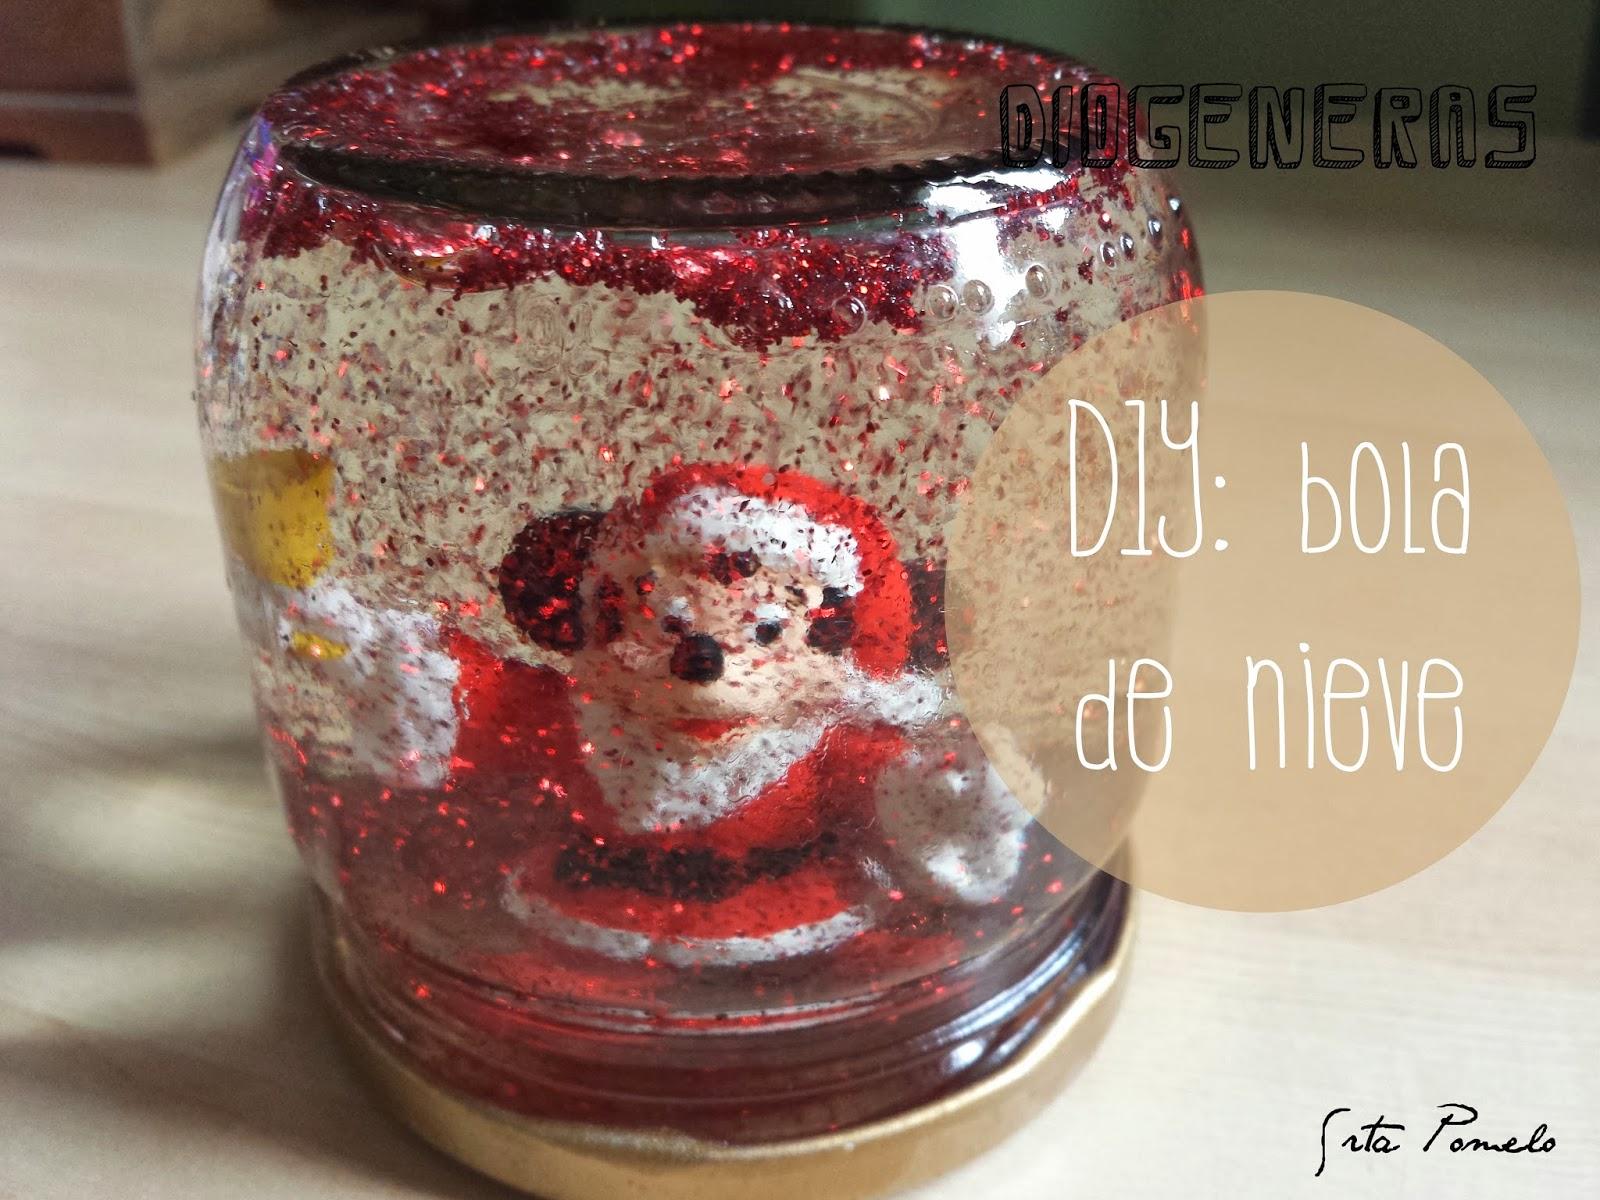 Srta pomelo 5 diogeneras especial navidad una bola de - Bola nieve navidad ...